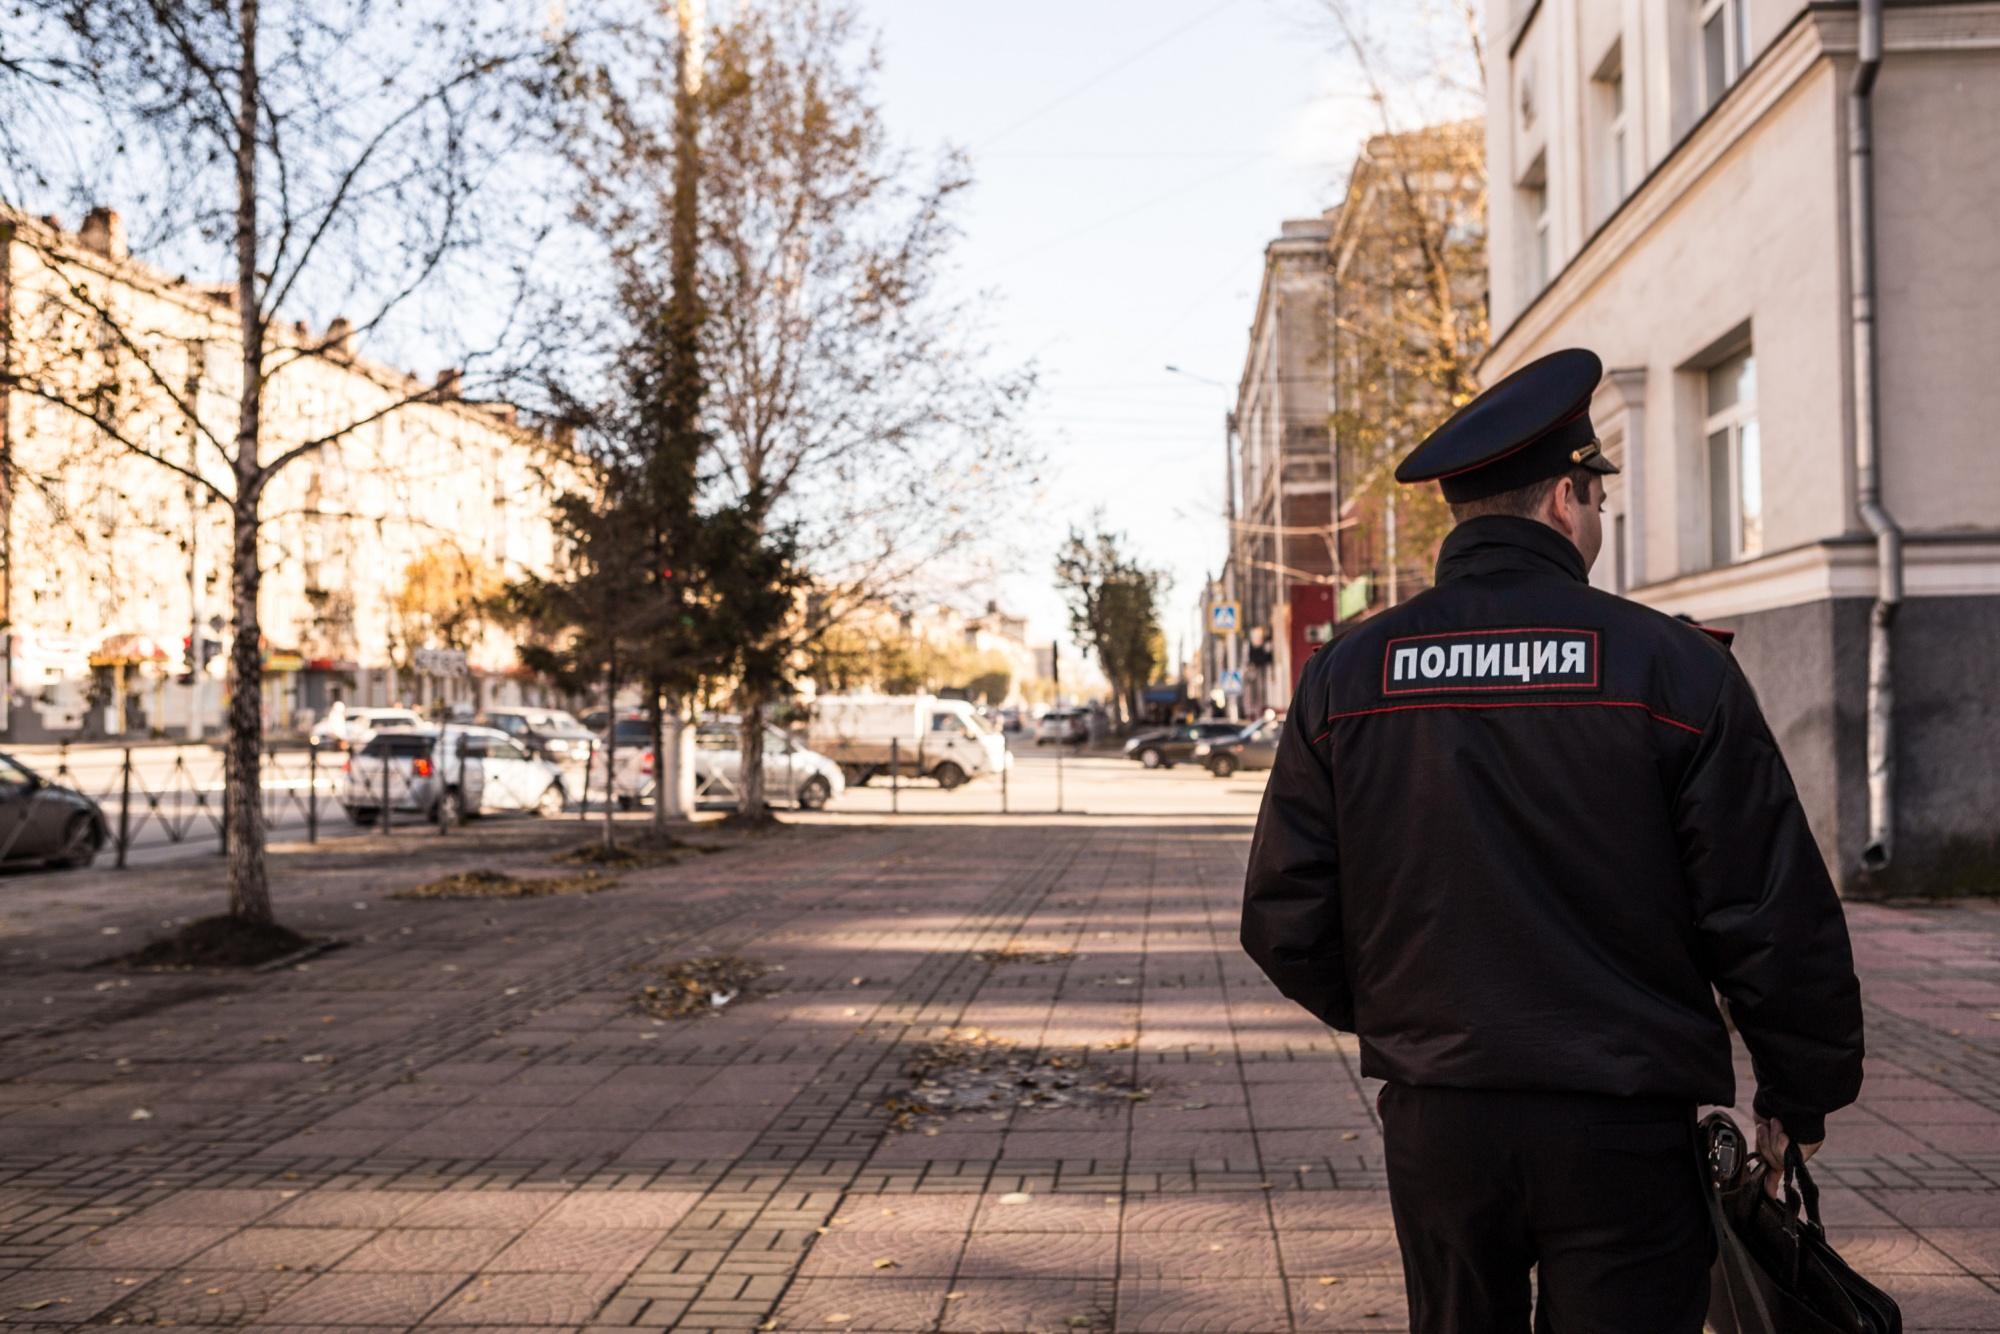 Пропавшего в Ленинском районе подростка доставили в полицию